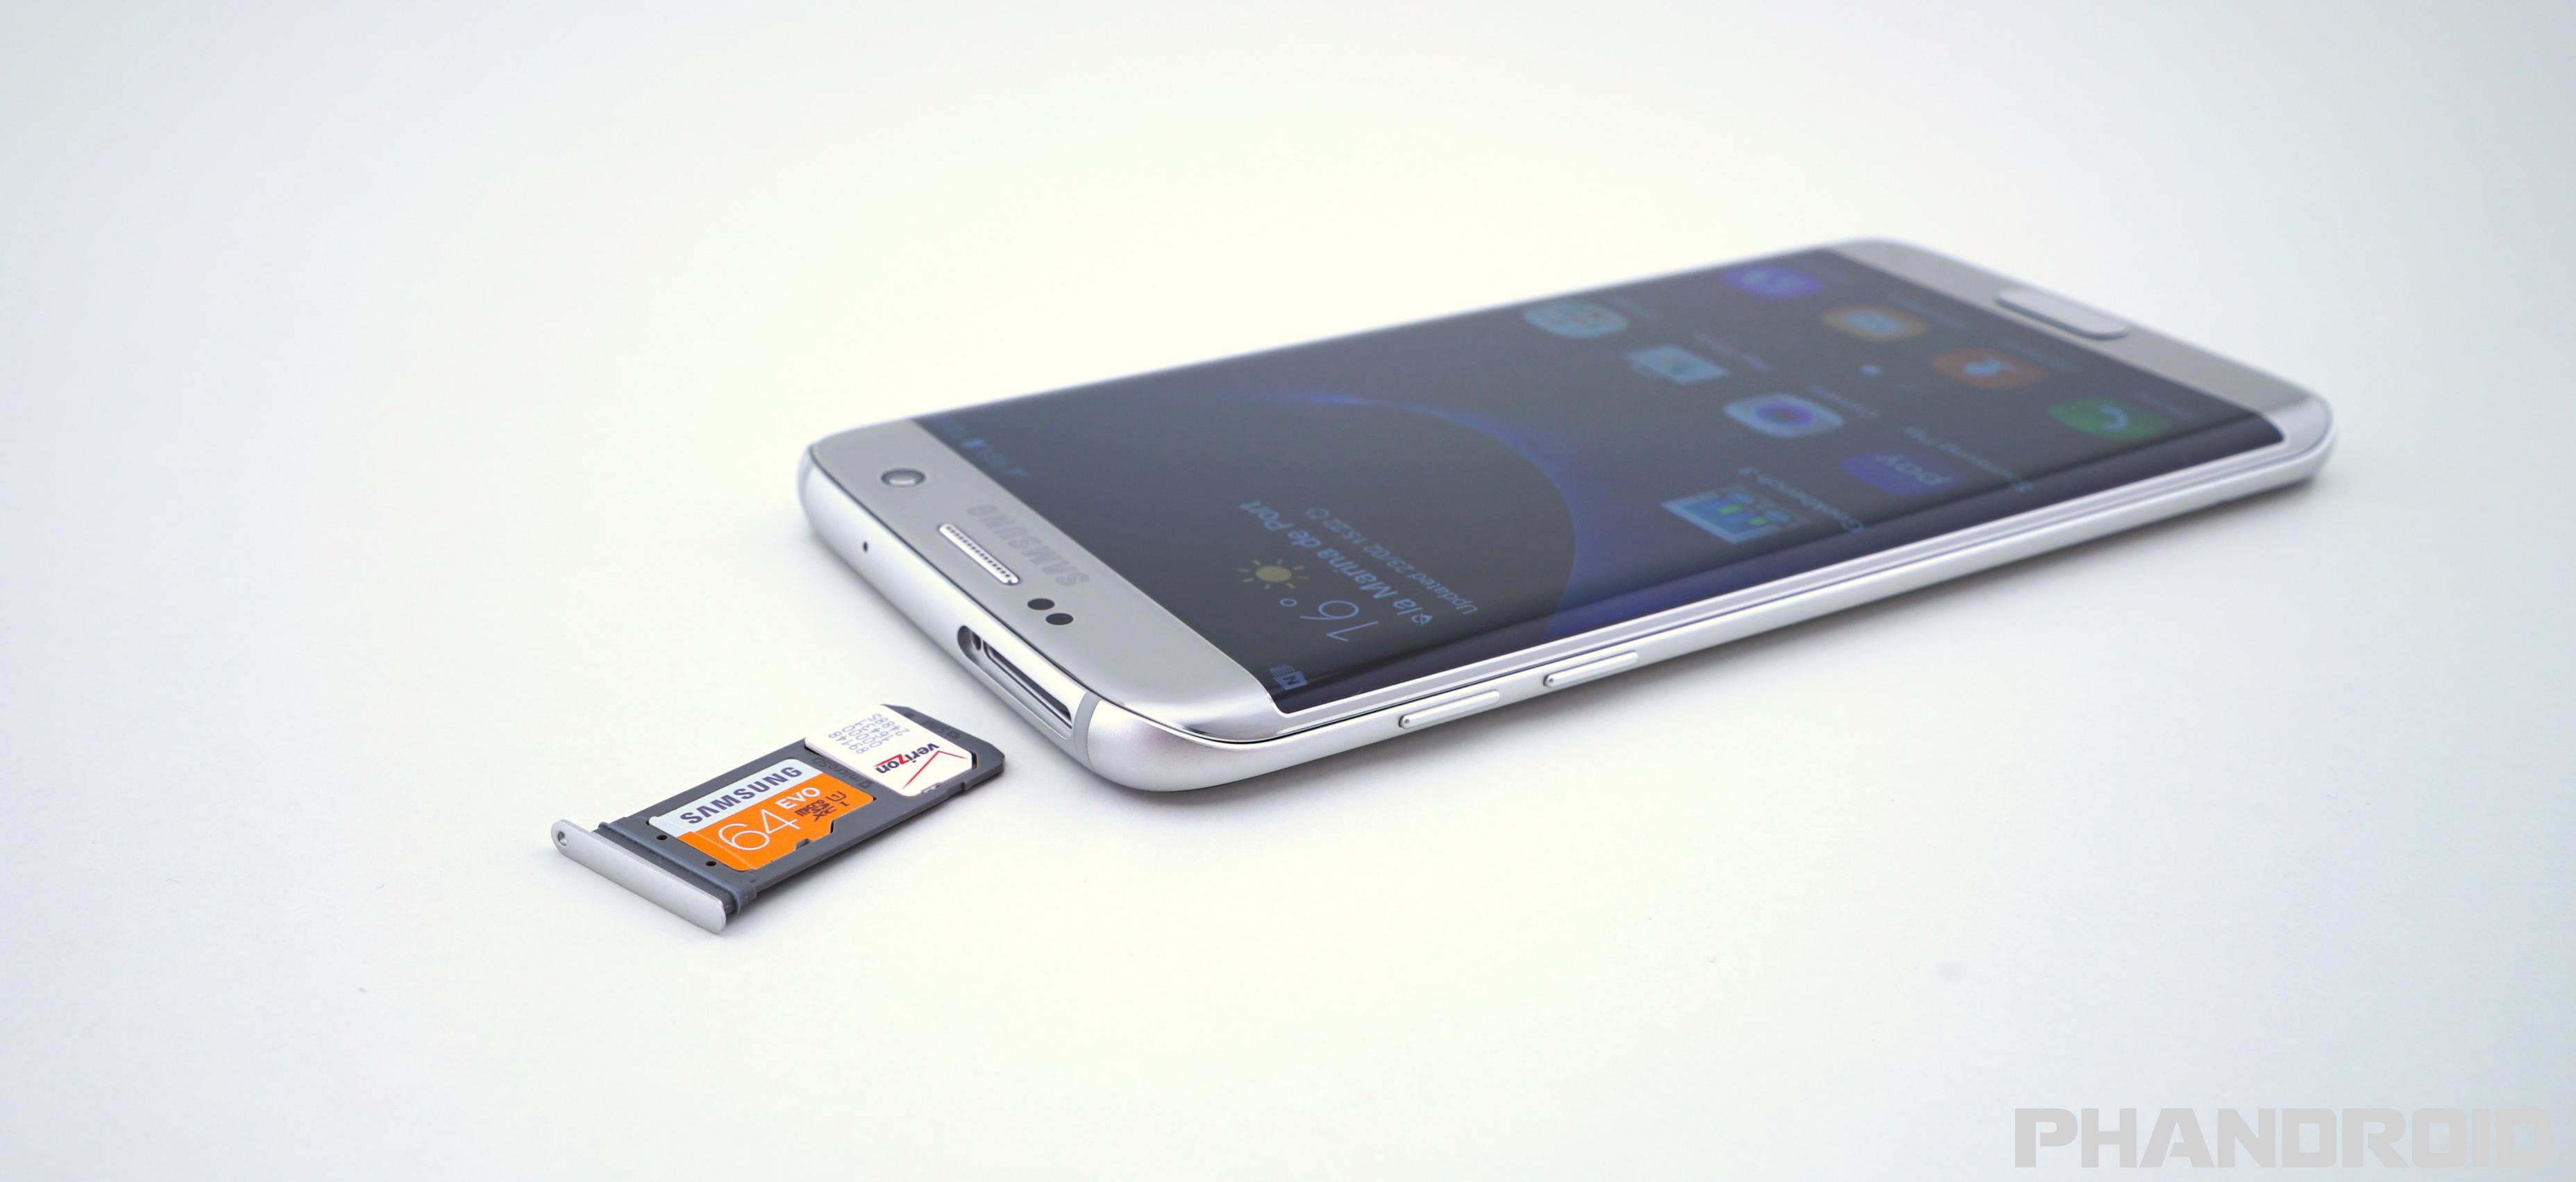 Best Samsung Galaxy S7 accessories | Phandroid